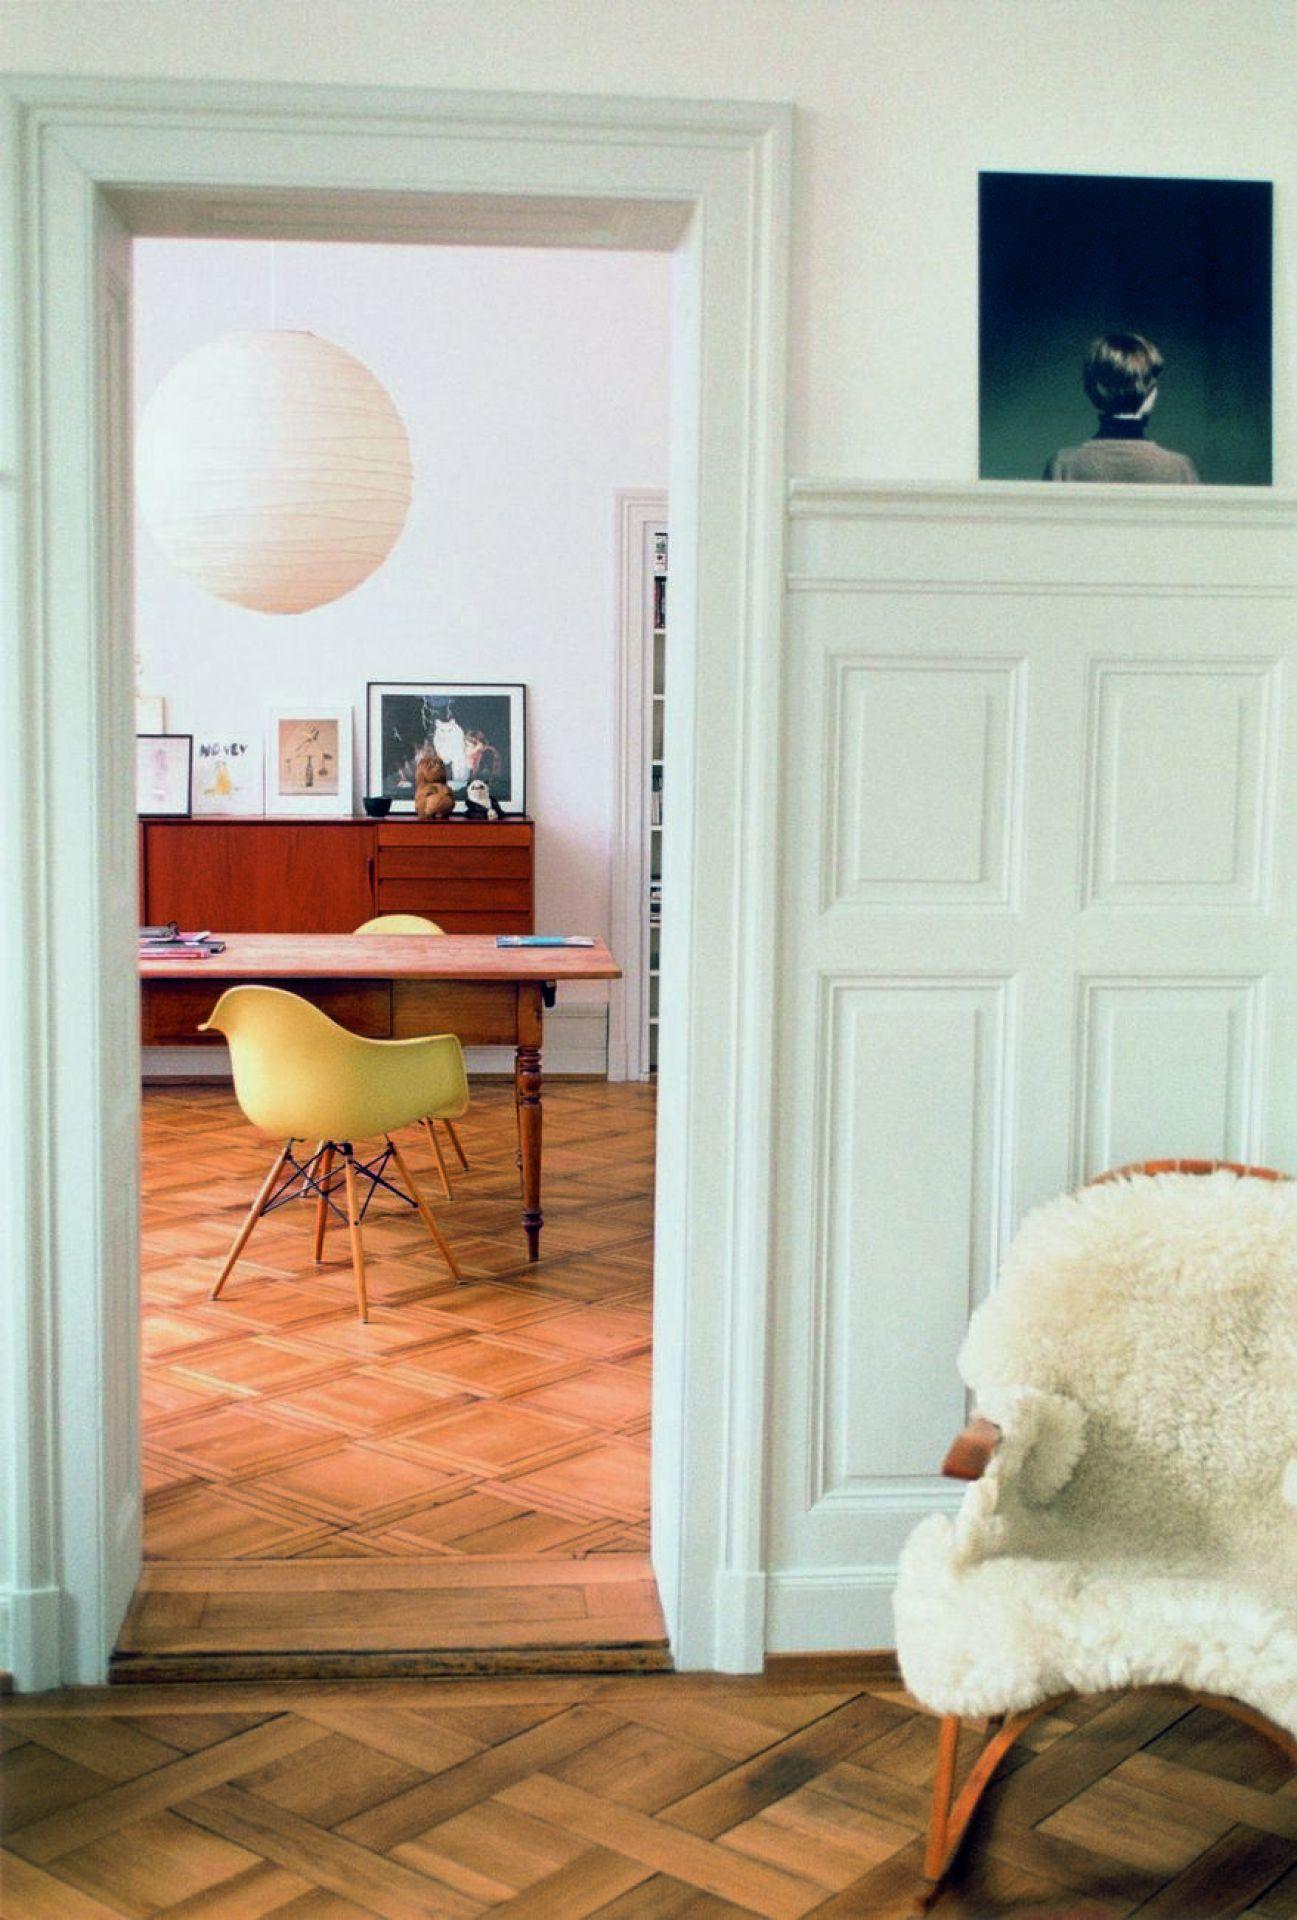 Eames Plastic Arm Chair DAW Stuhl Vitra - QUICK SHIP-Ahorn gelblich-Ocean